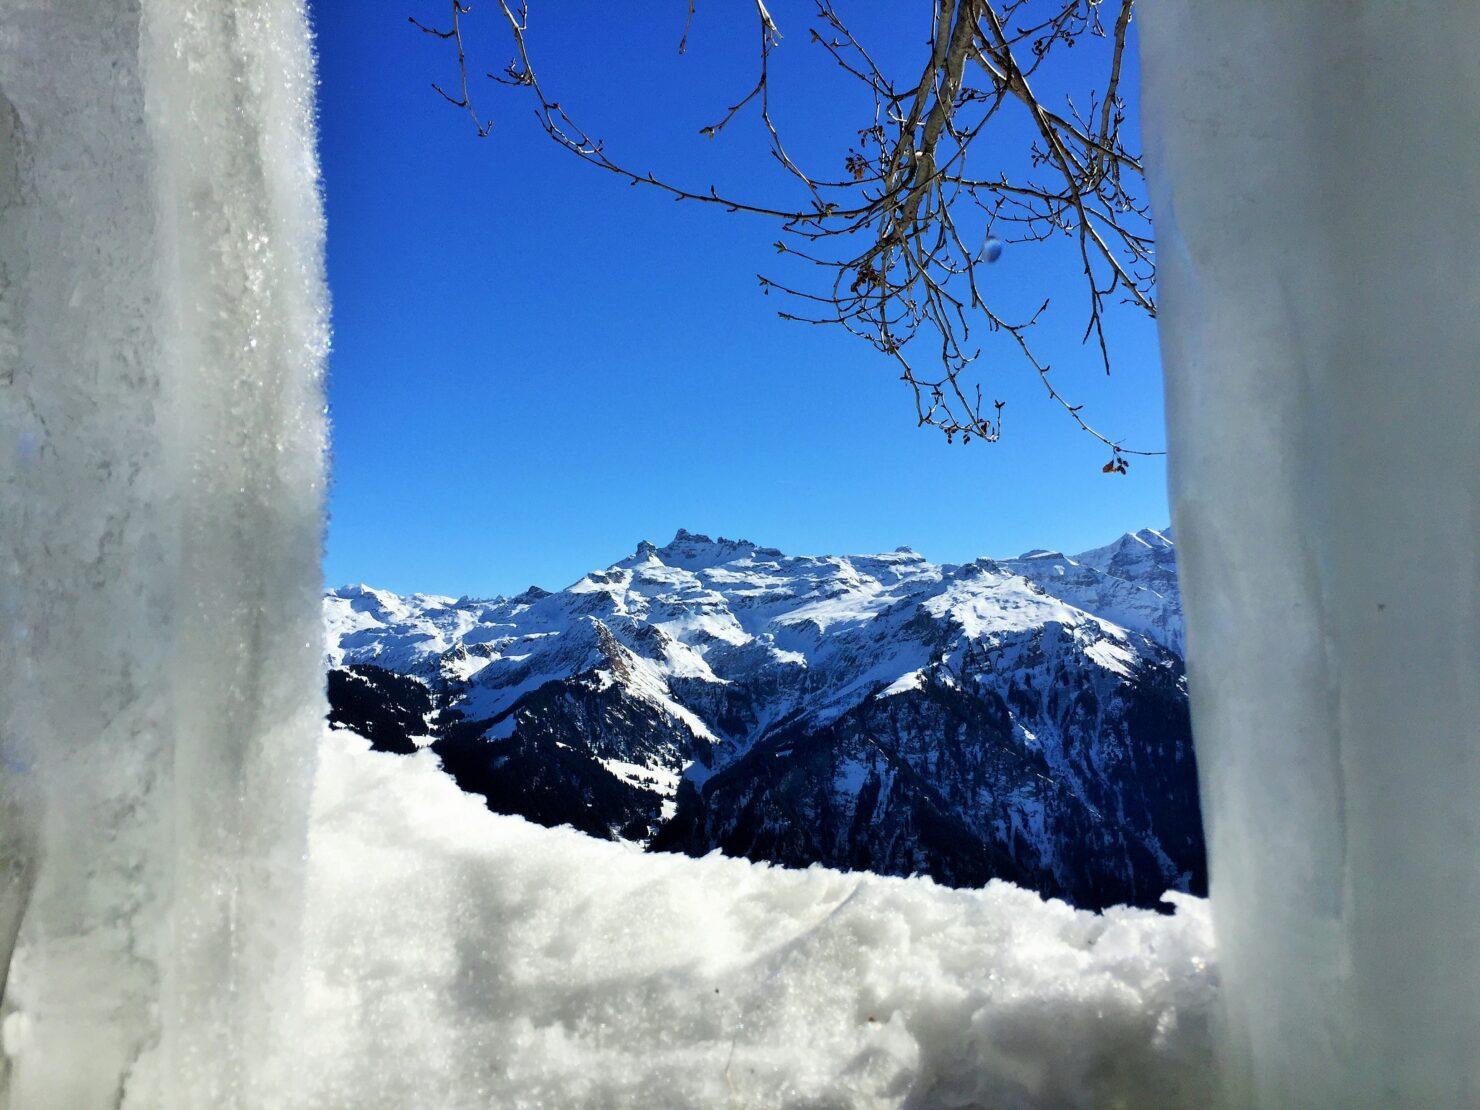 Panorama-Wanderung durch die Eisgalerie in Braunwald